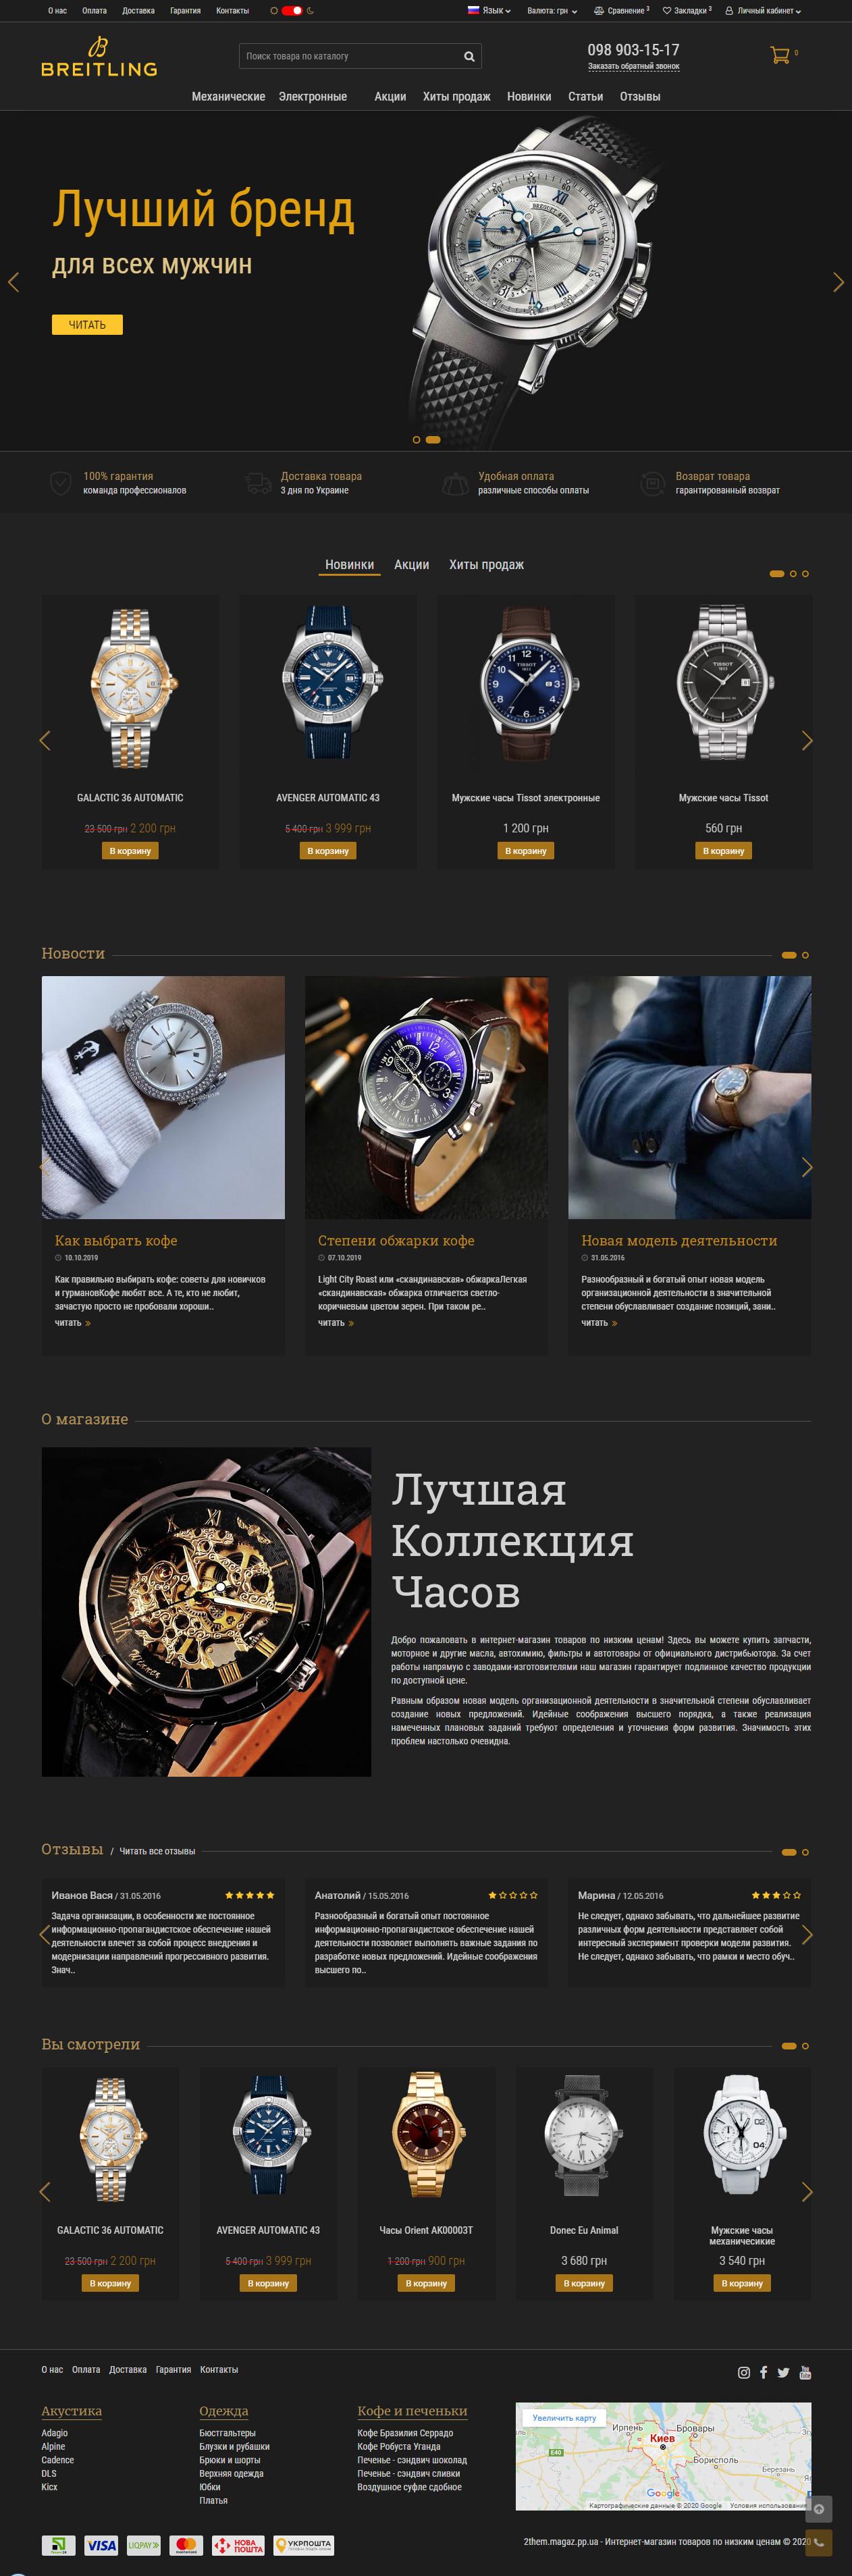 Фото Темная тема для интерент магазина часов или ювелирных изделий.